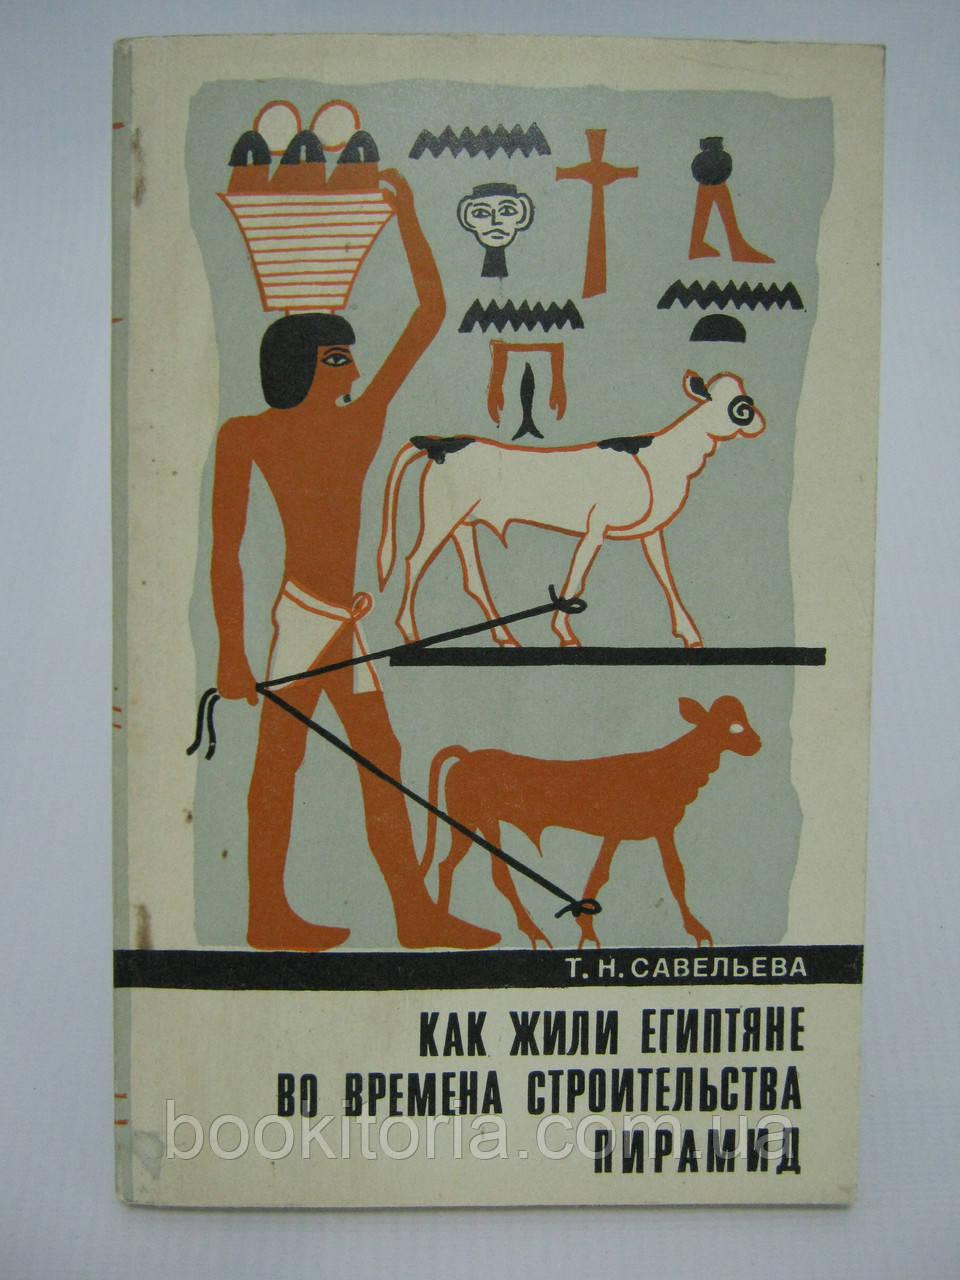 Савельева Т.Н. Как жили египтяне во времена строительства пирамид (б/у).